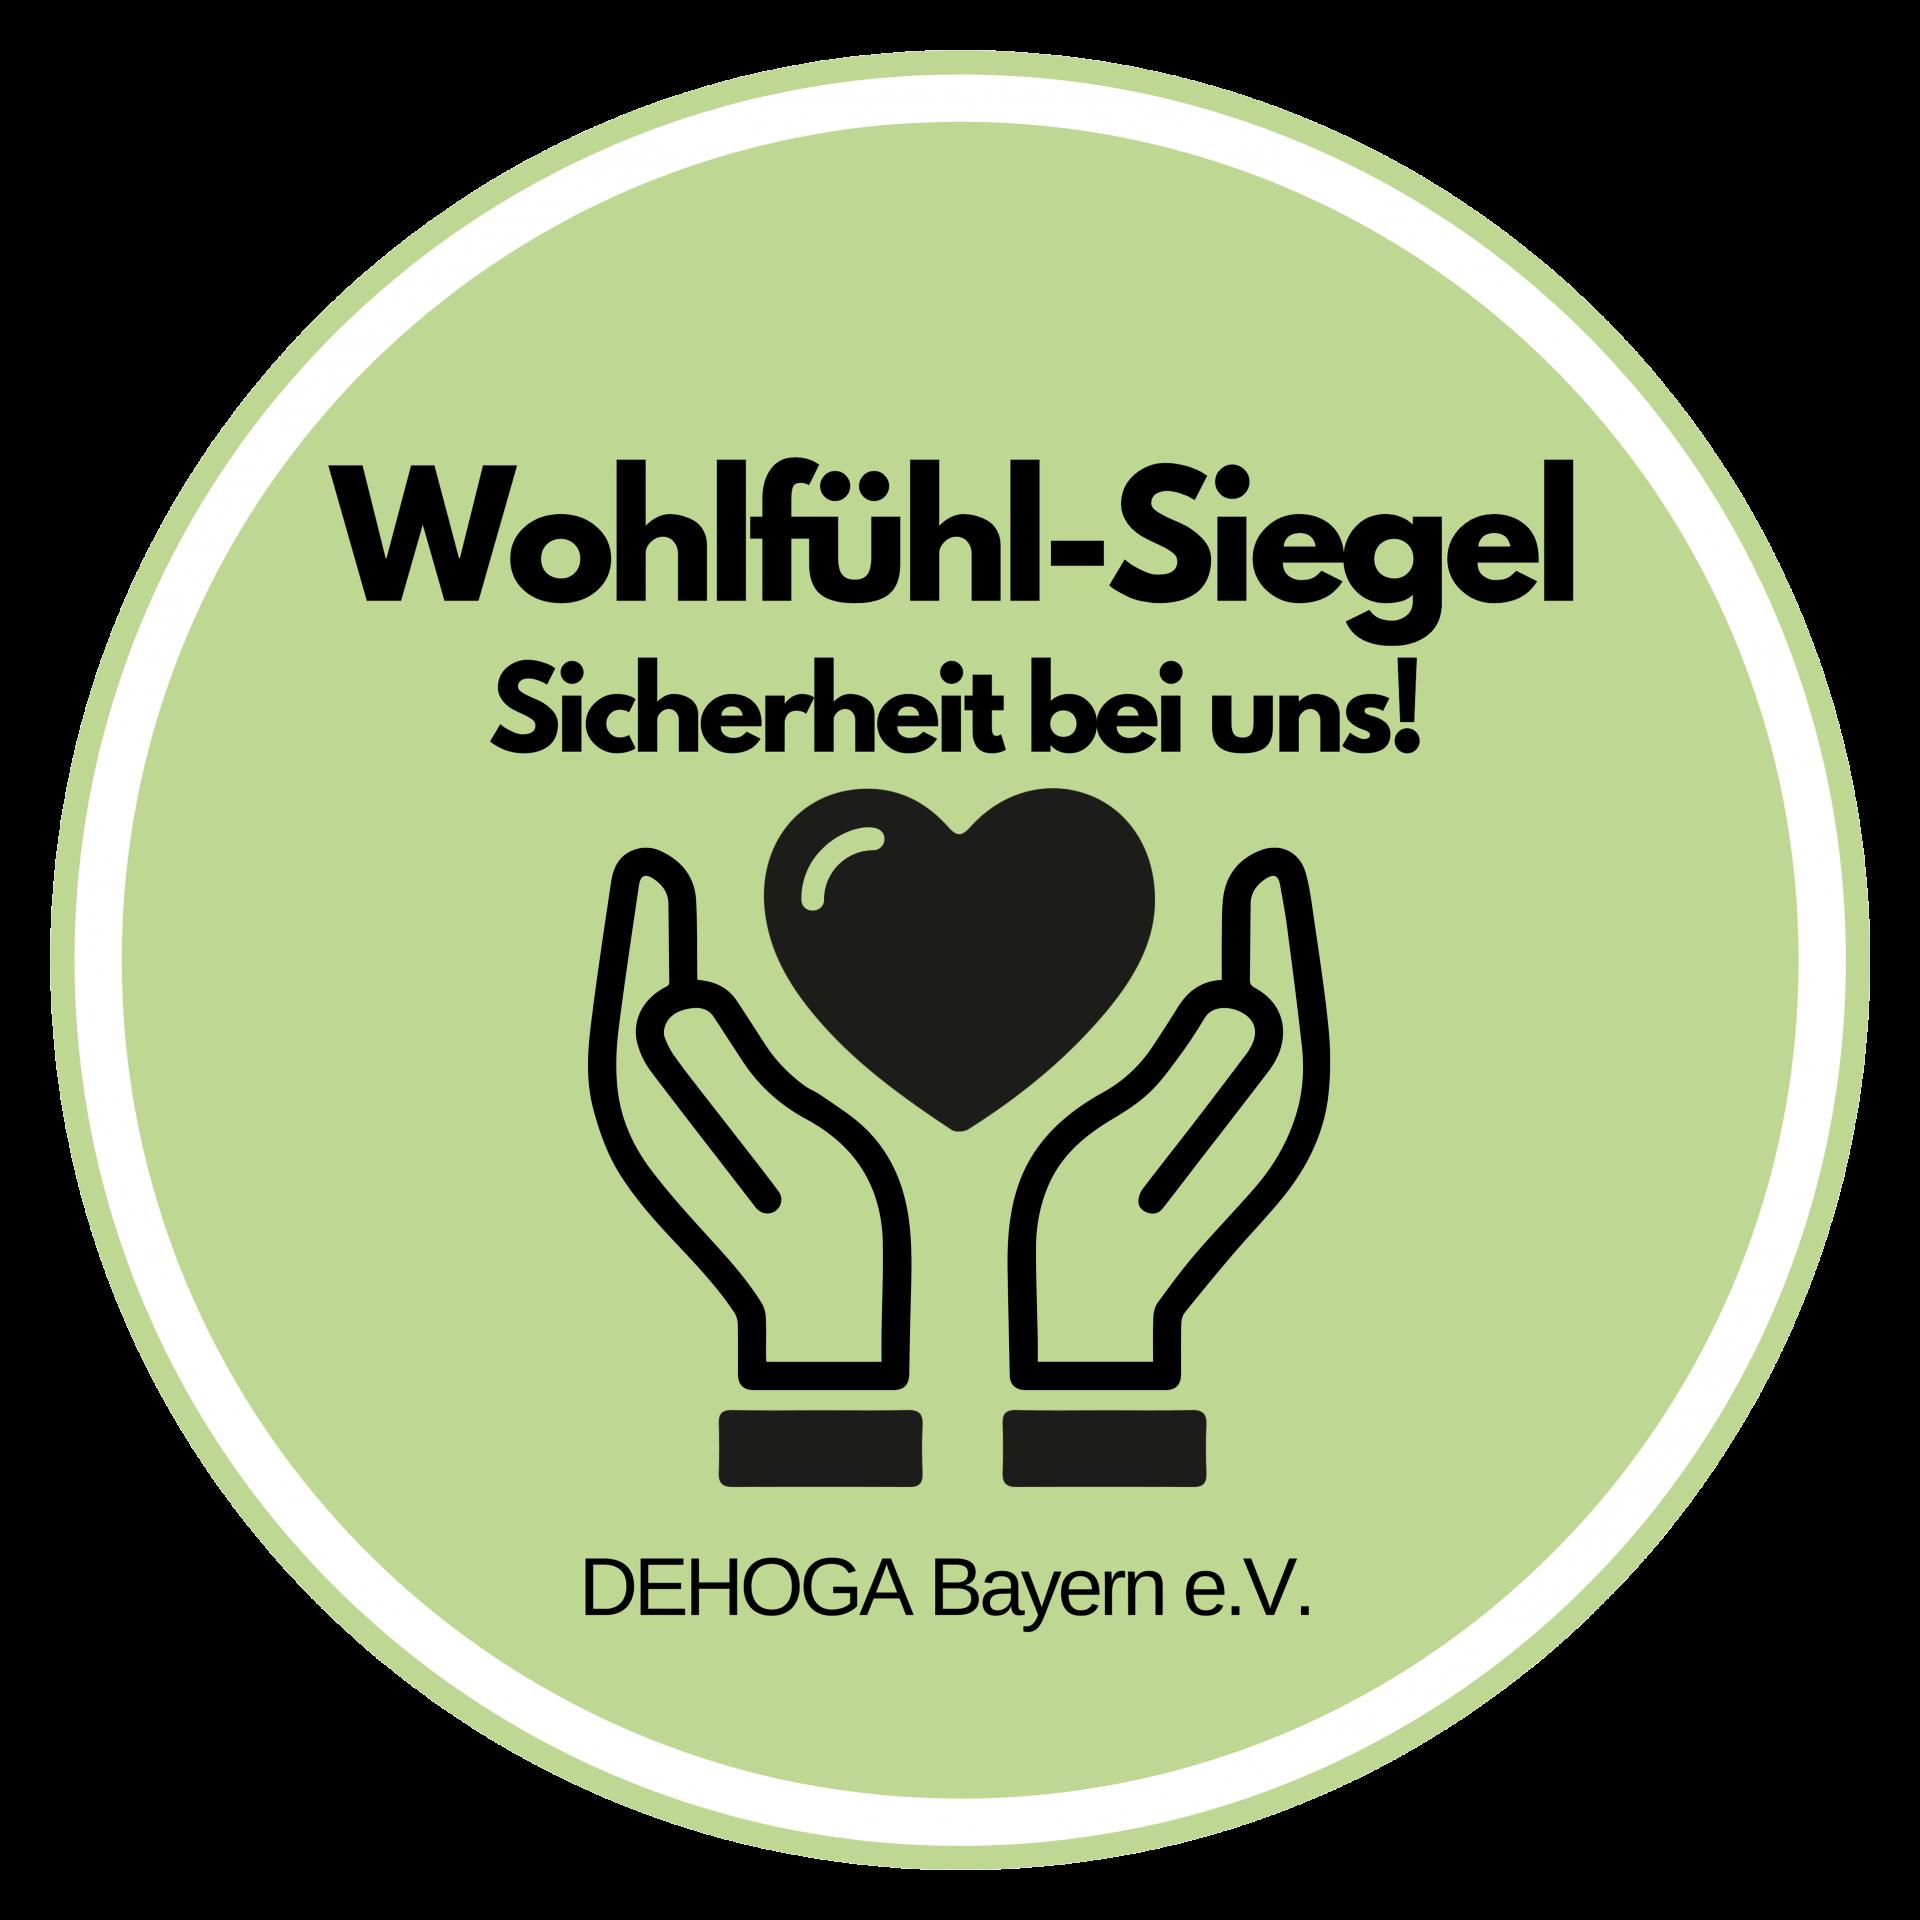 Wohlfuehlsiegel der DEHOGA Bayern